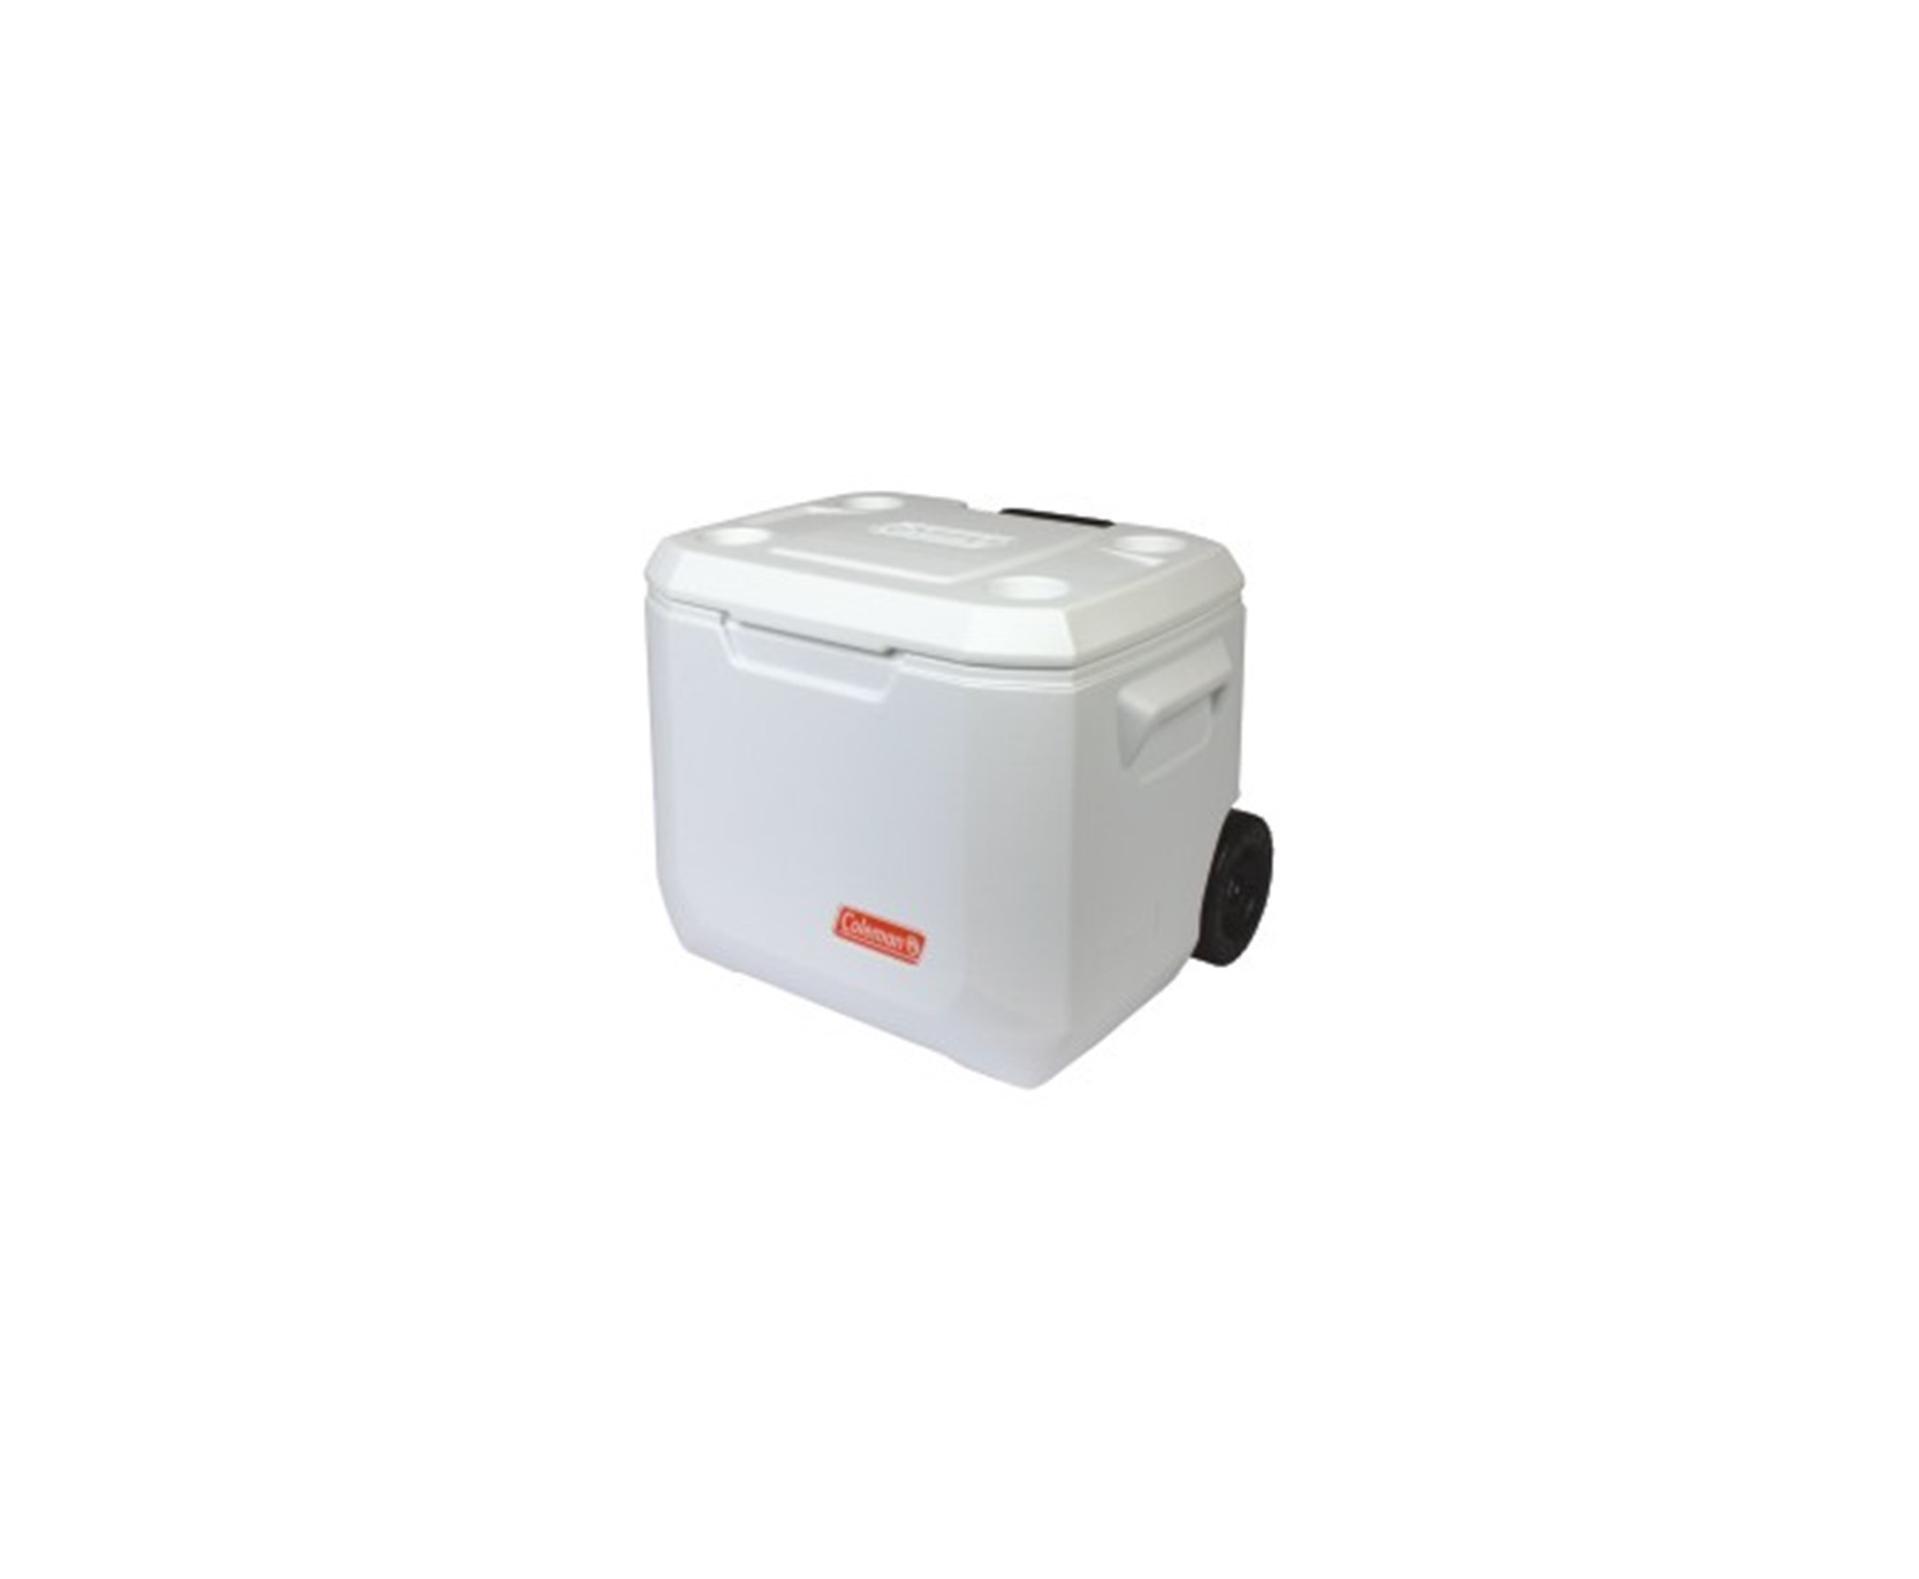 Caixa Térmica C/ Rodas 50qt (47,5 Lts) Marine Xtreme - Coleman